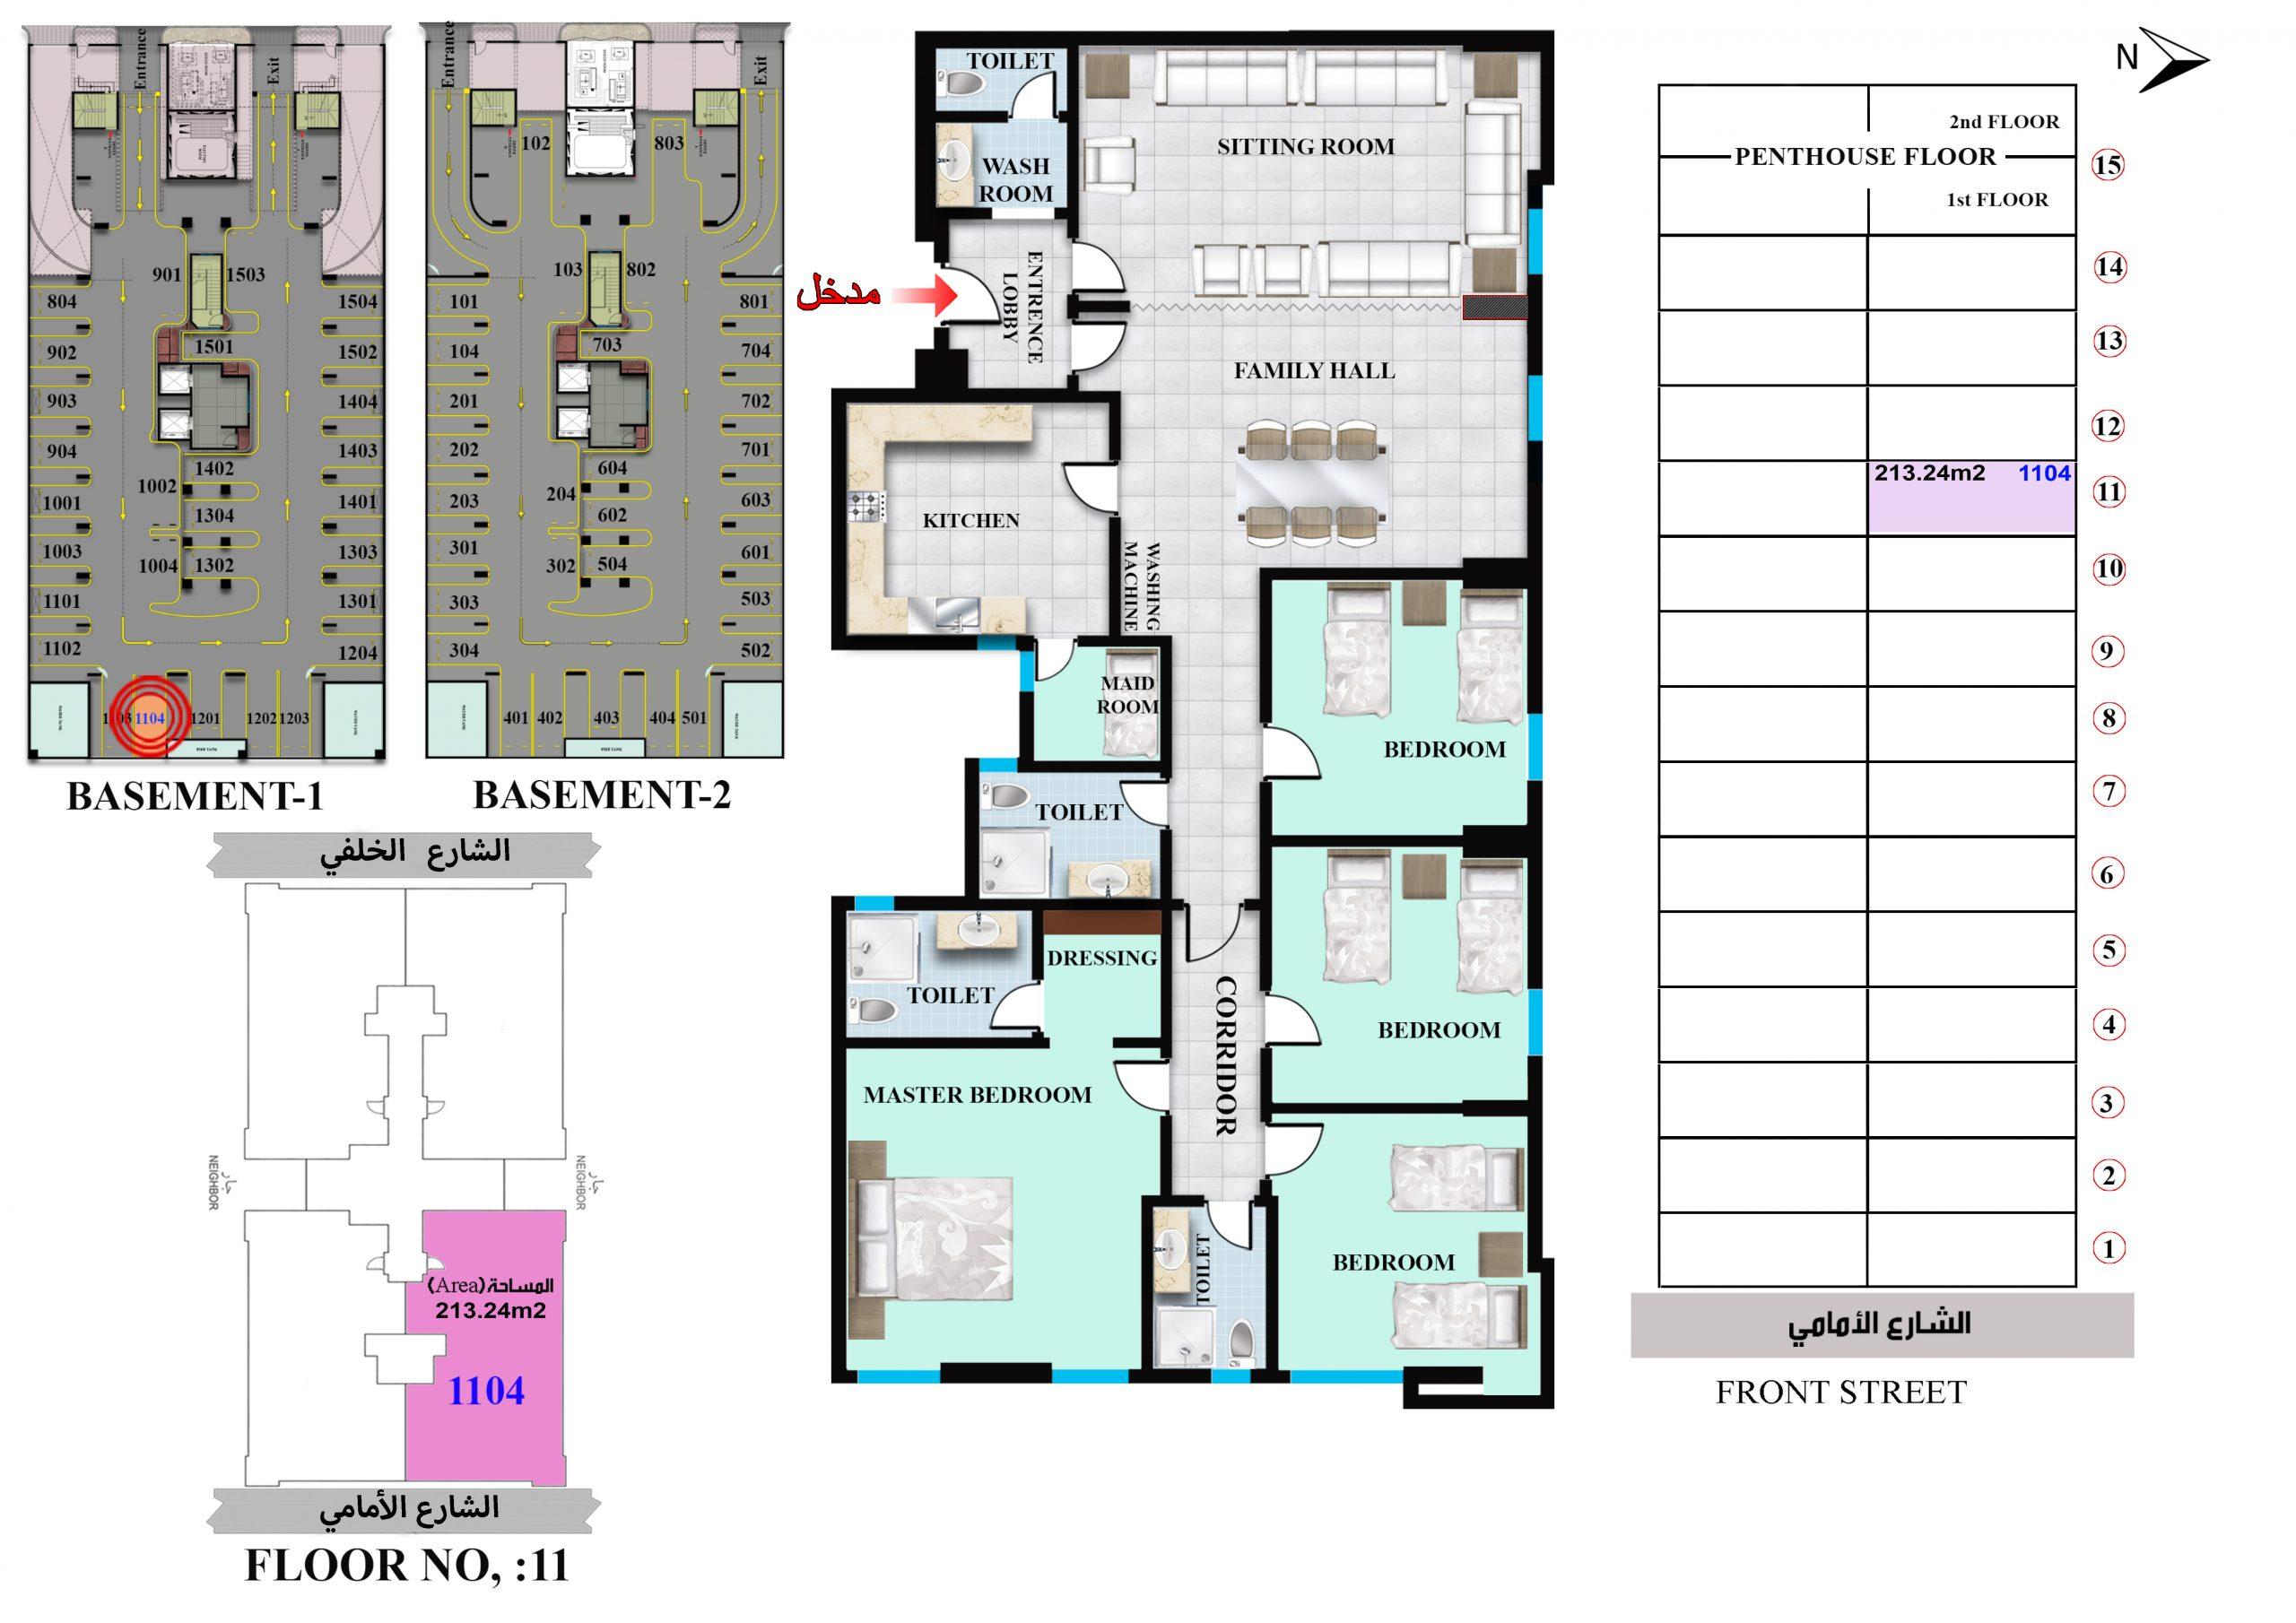 شقة رقم 1104